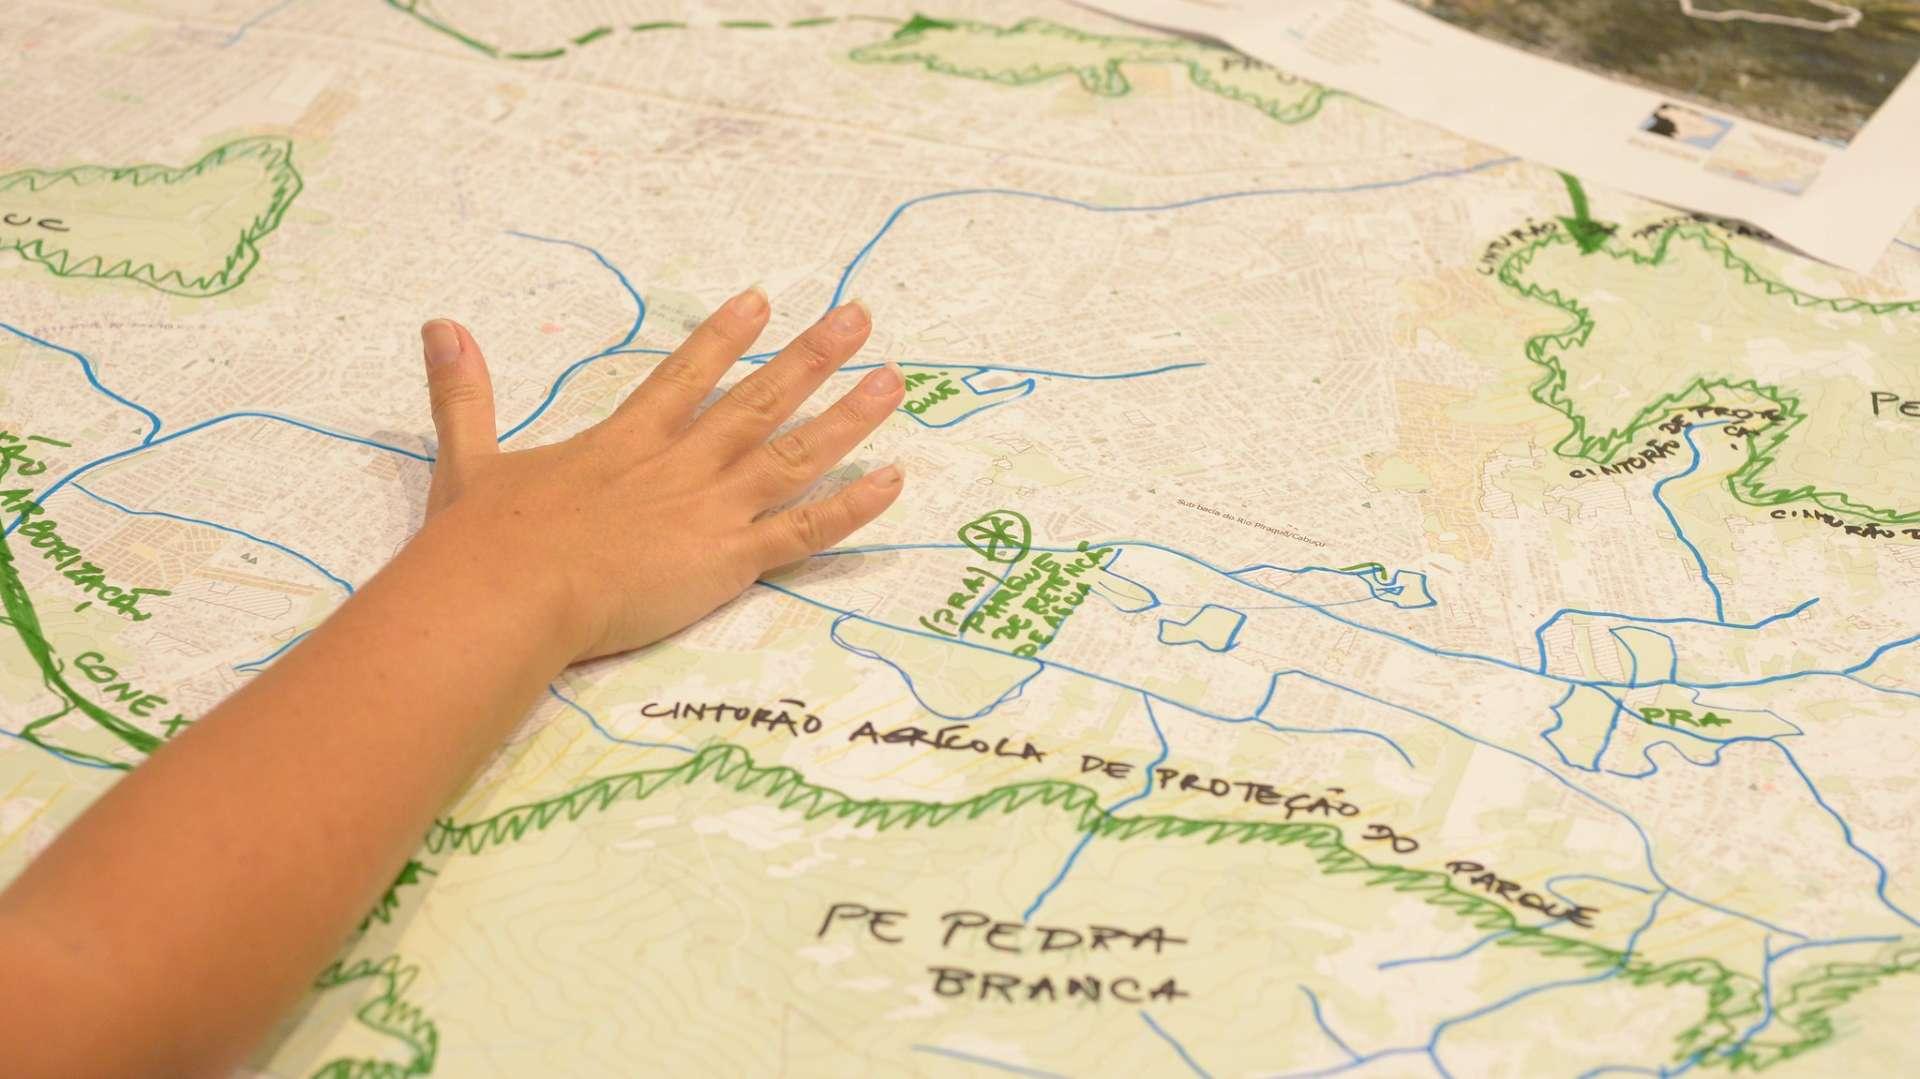 Oficina de estudo para propostas de ações de adaptação em áreas críticas da cidade para o Plano de Desenvolvimento Sustentável. Foto: Marco Antônio Rezende/Prefeitura do Rio